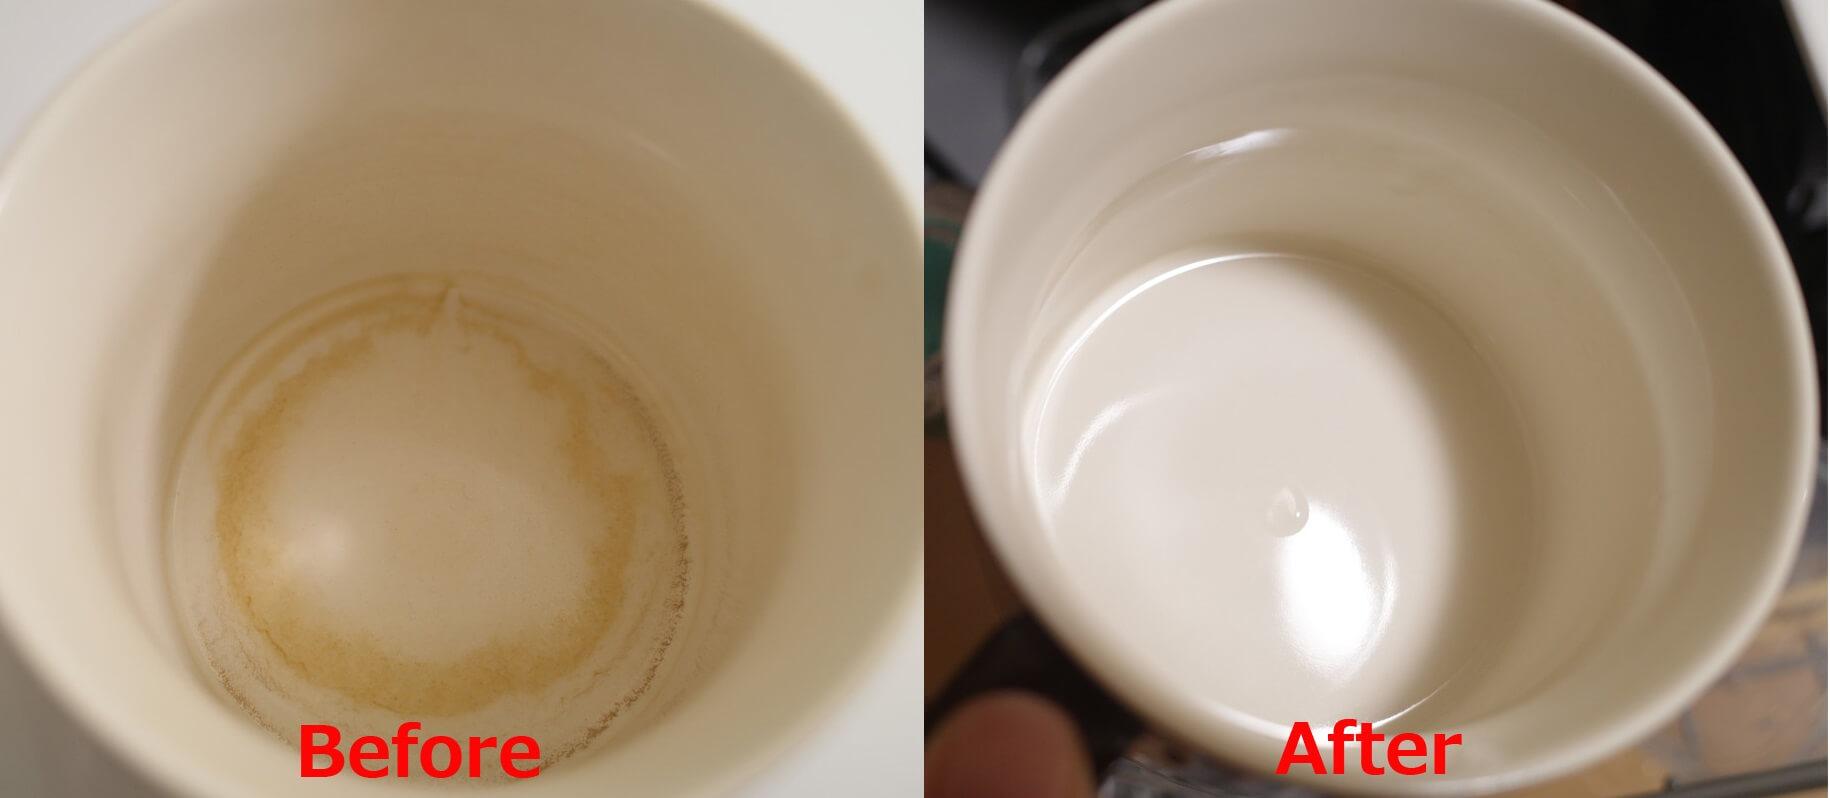 シロカの食洗機を賃貸住宅で実際使ってレビュー シロカのタンク式食洗機で食器を洗ってみた